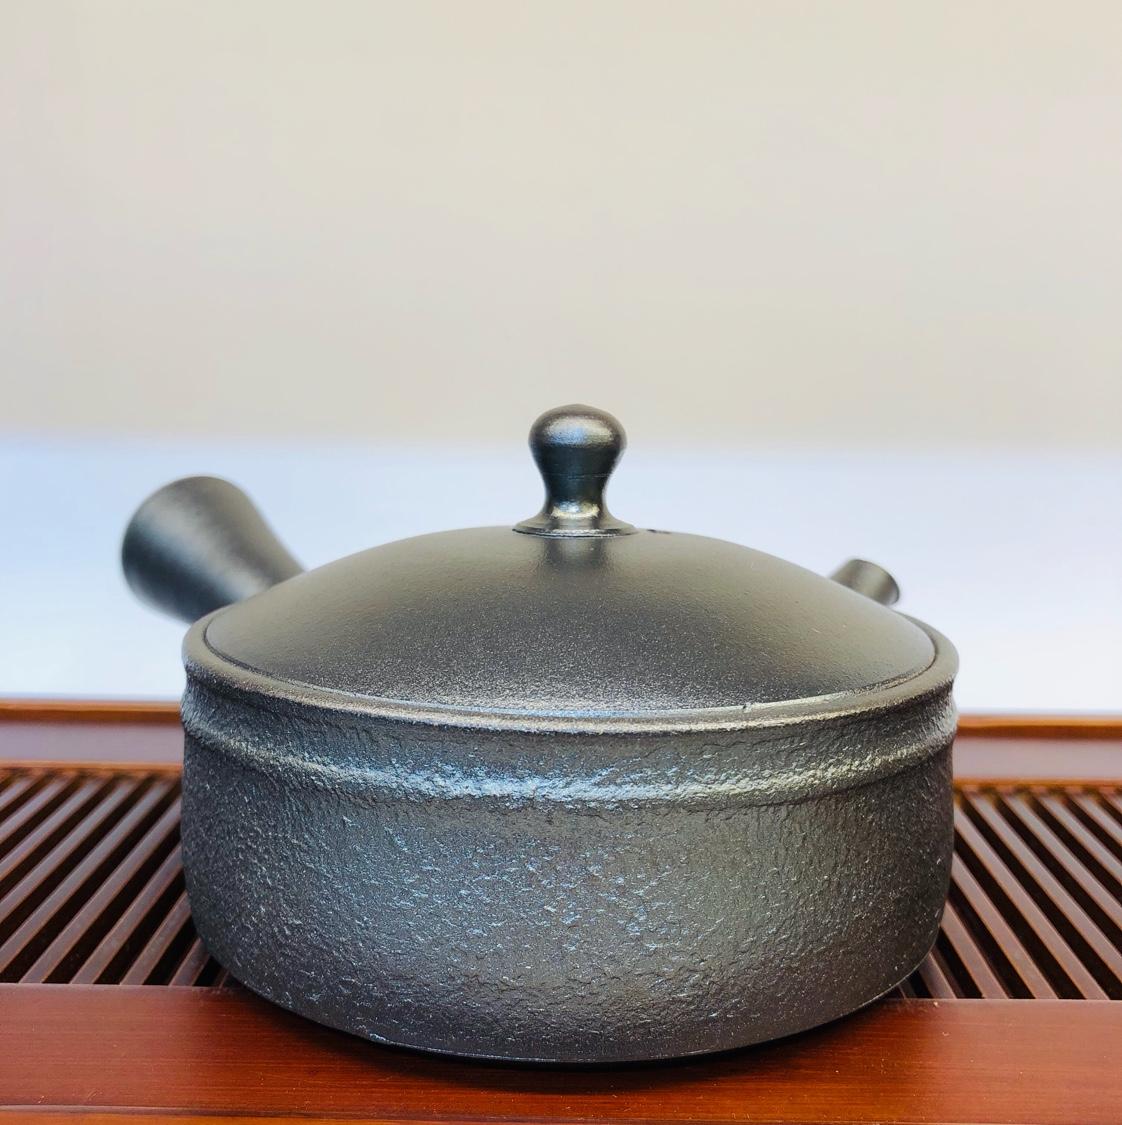 日本常滑烧 秋景陶苑 加藤一房(隐退) 南蛮烧平型冰茶壶横手急须壶